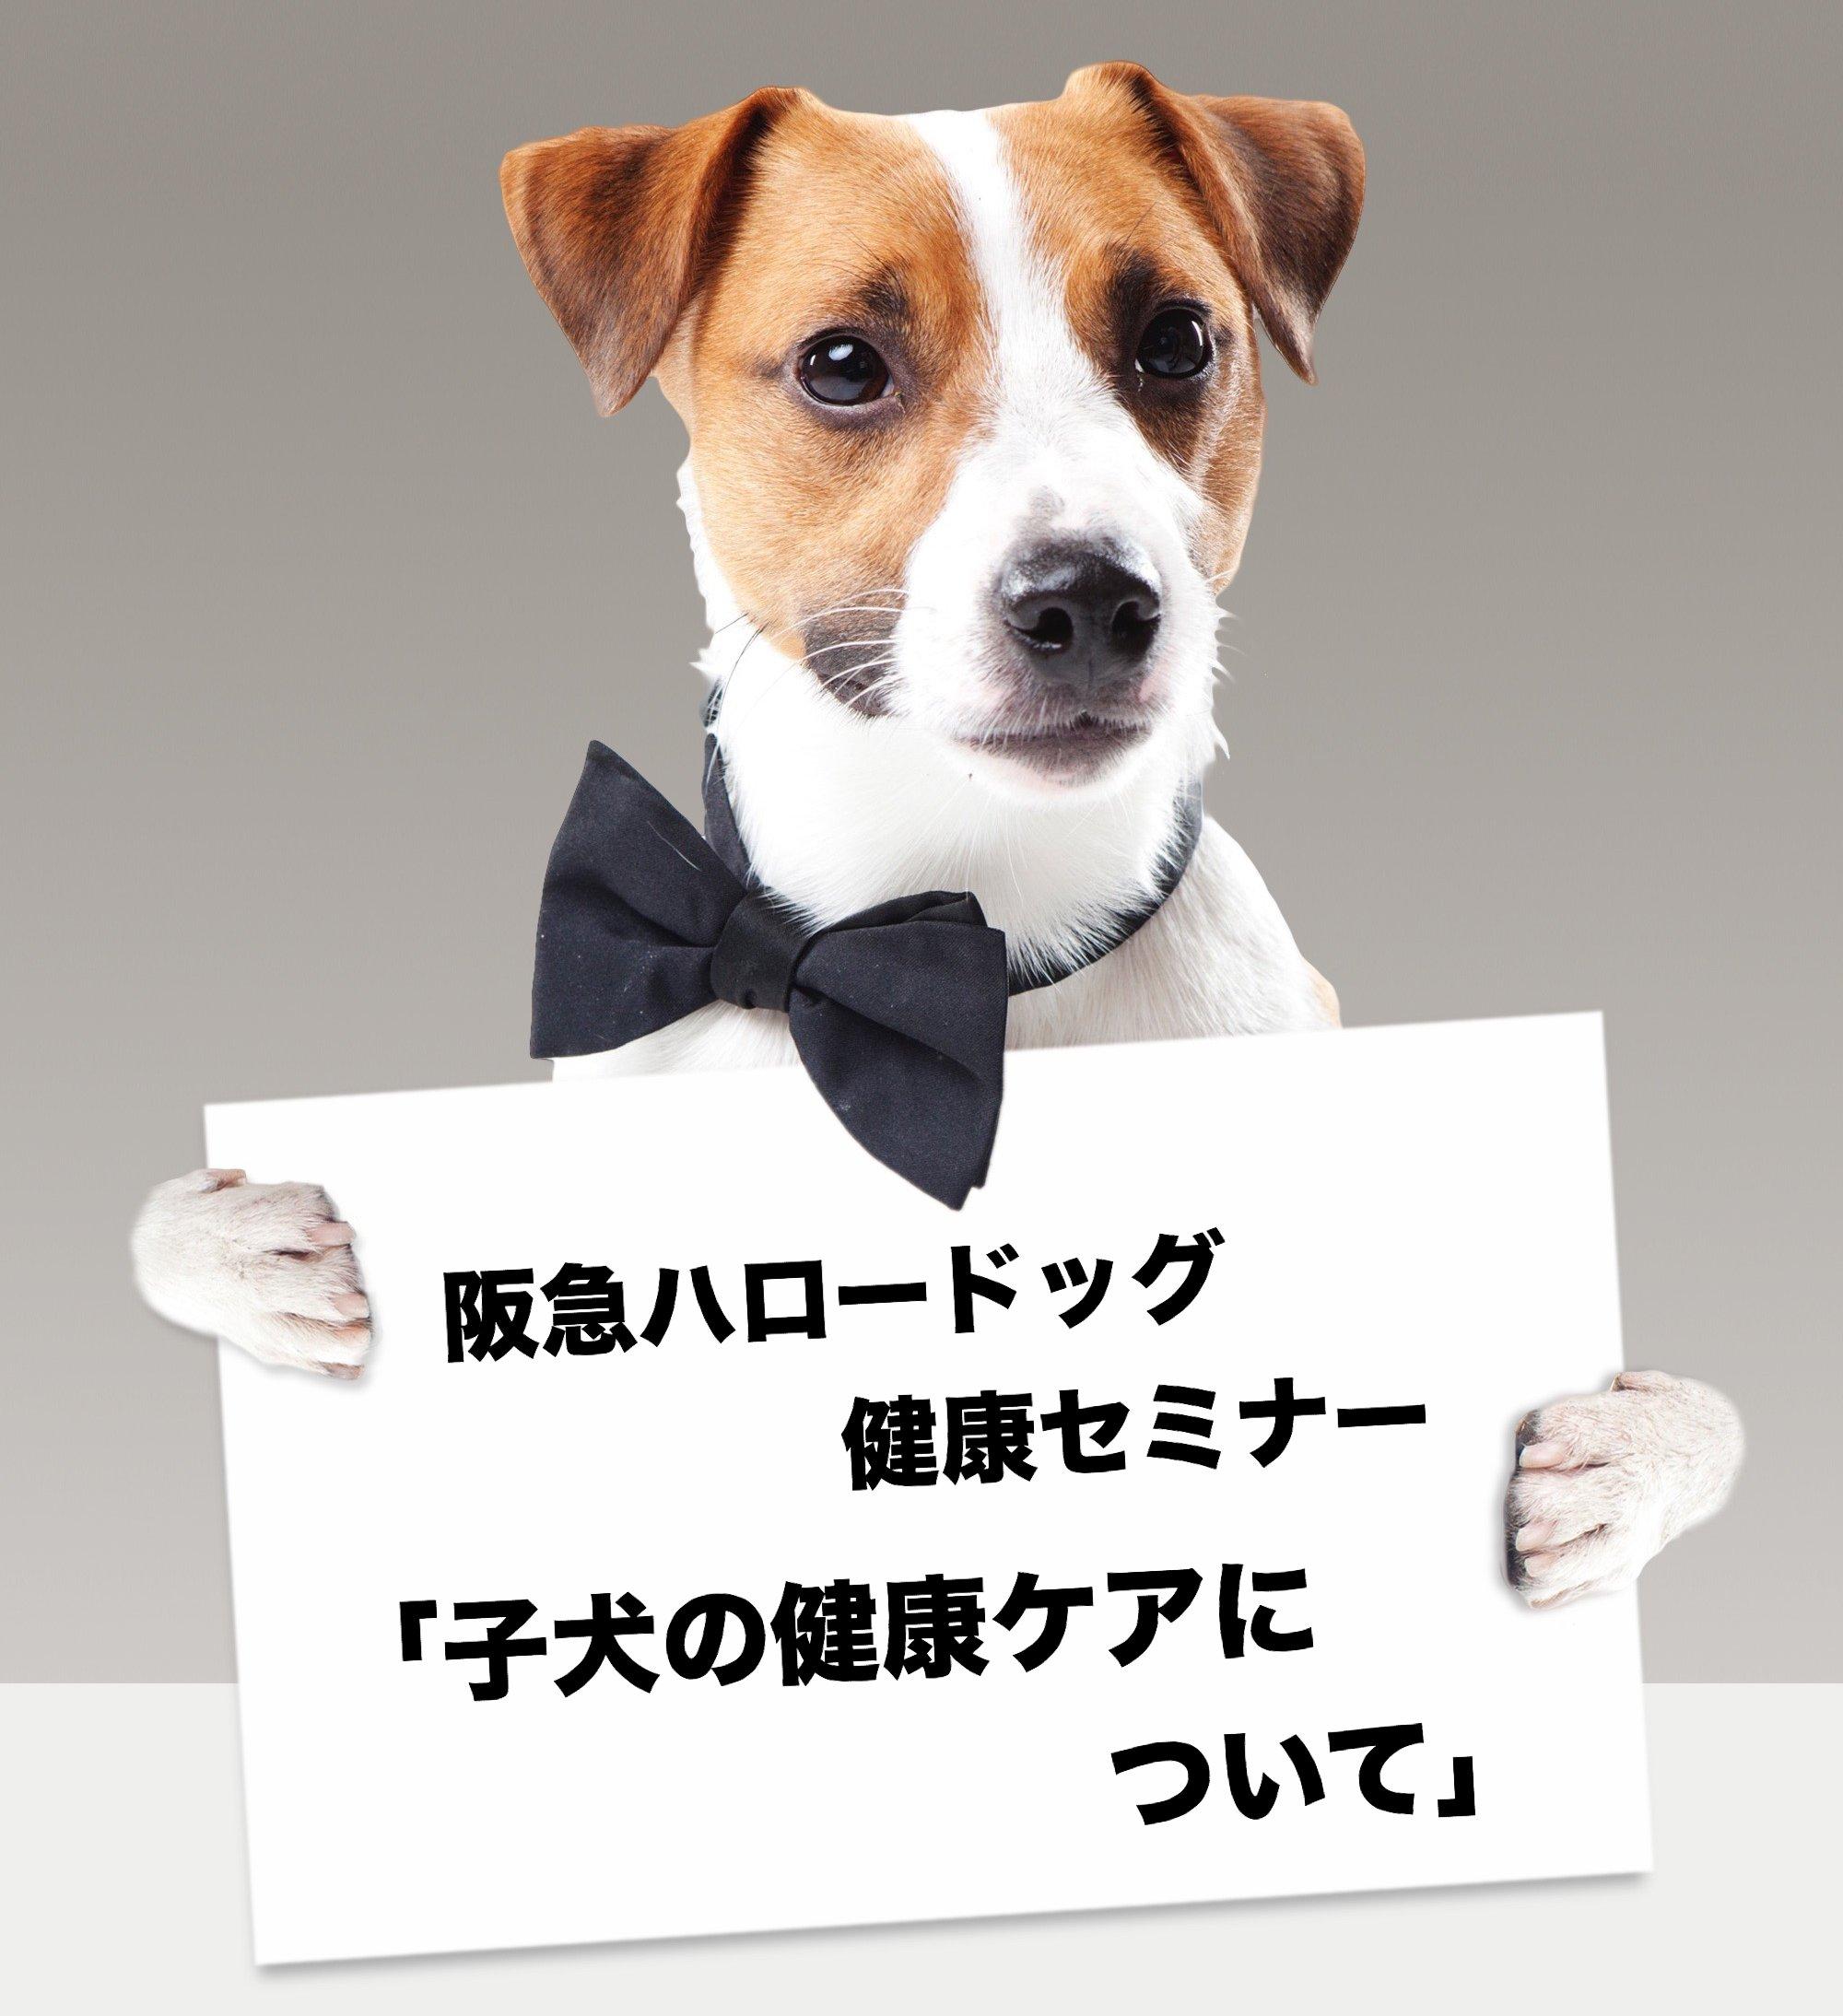 2018/09/08 西宮「阪急ハロードッグ健康セミナー 子犬の健康ケアについて」